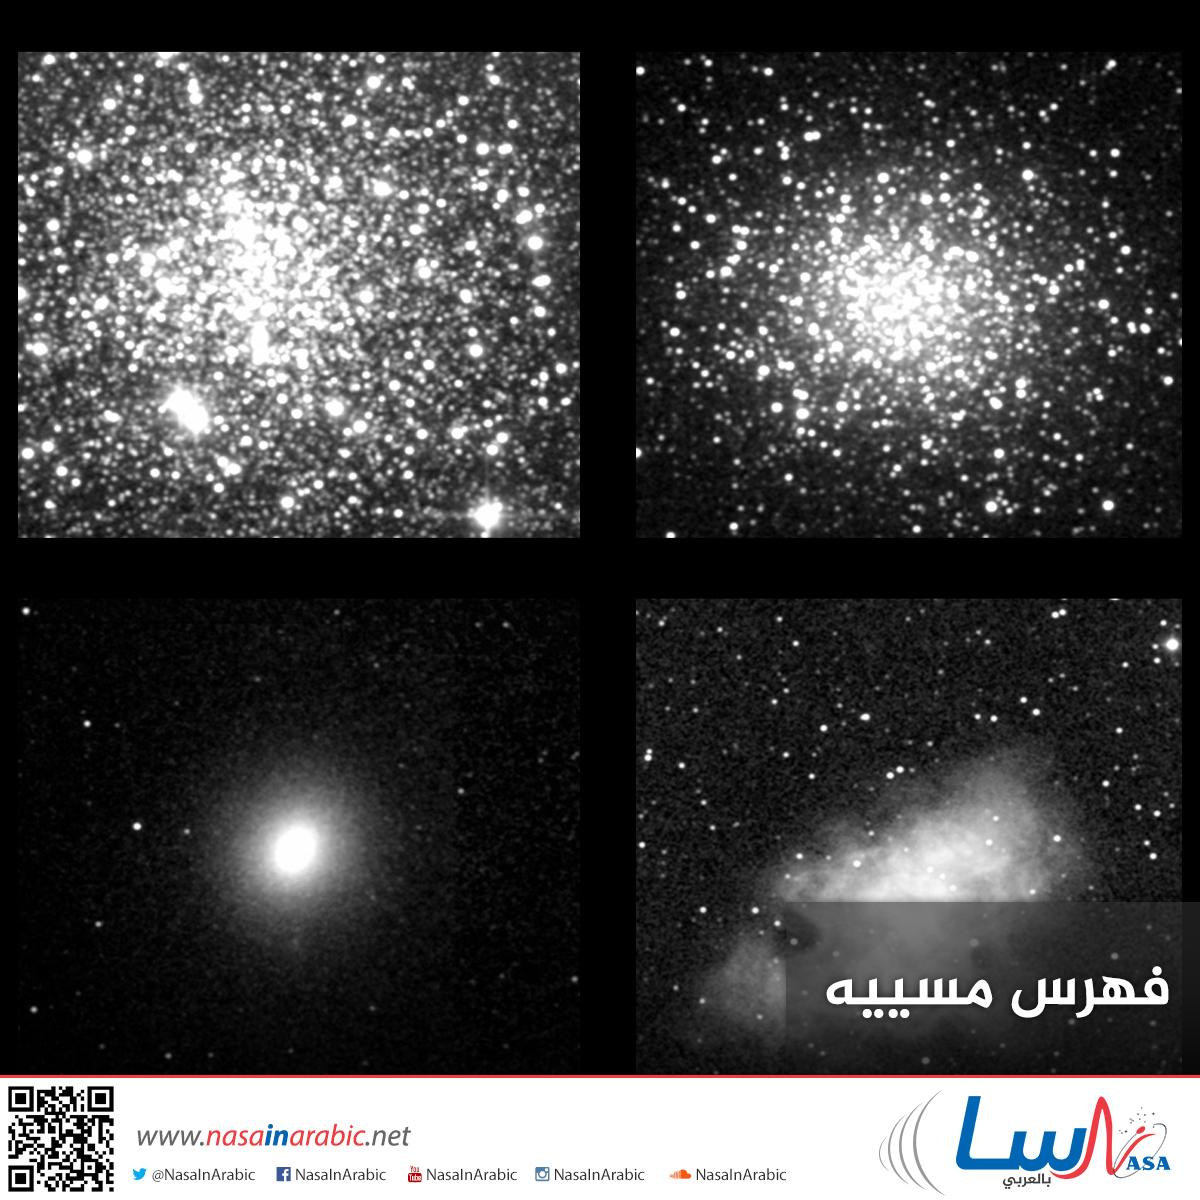 فهرس مسييه Messier Catalog